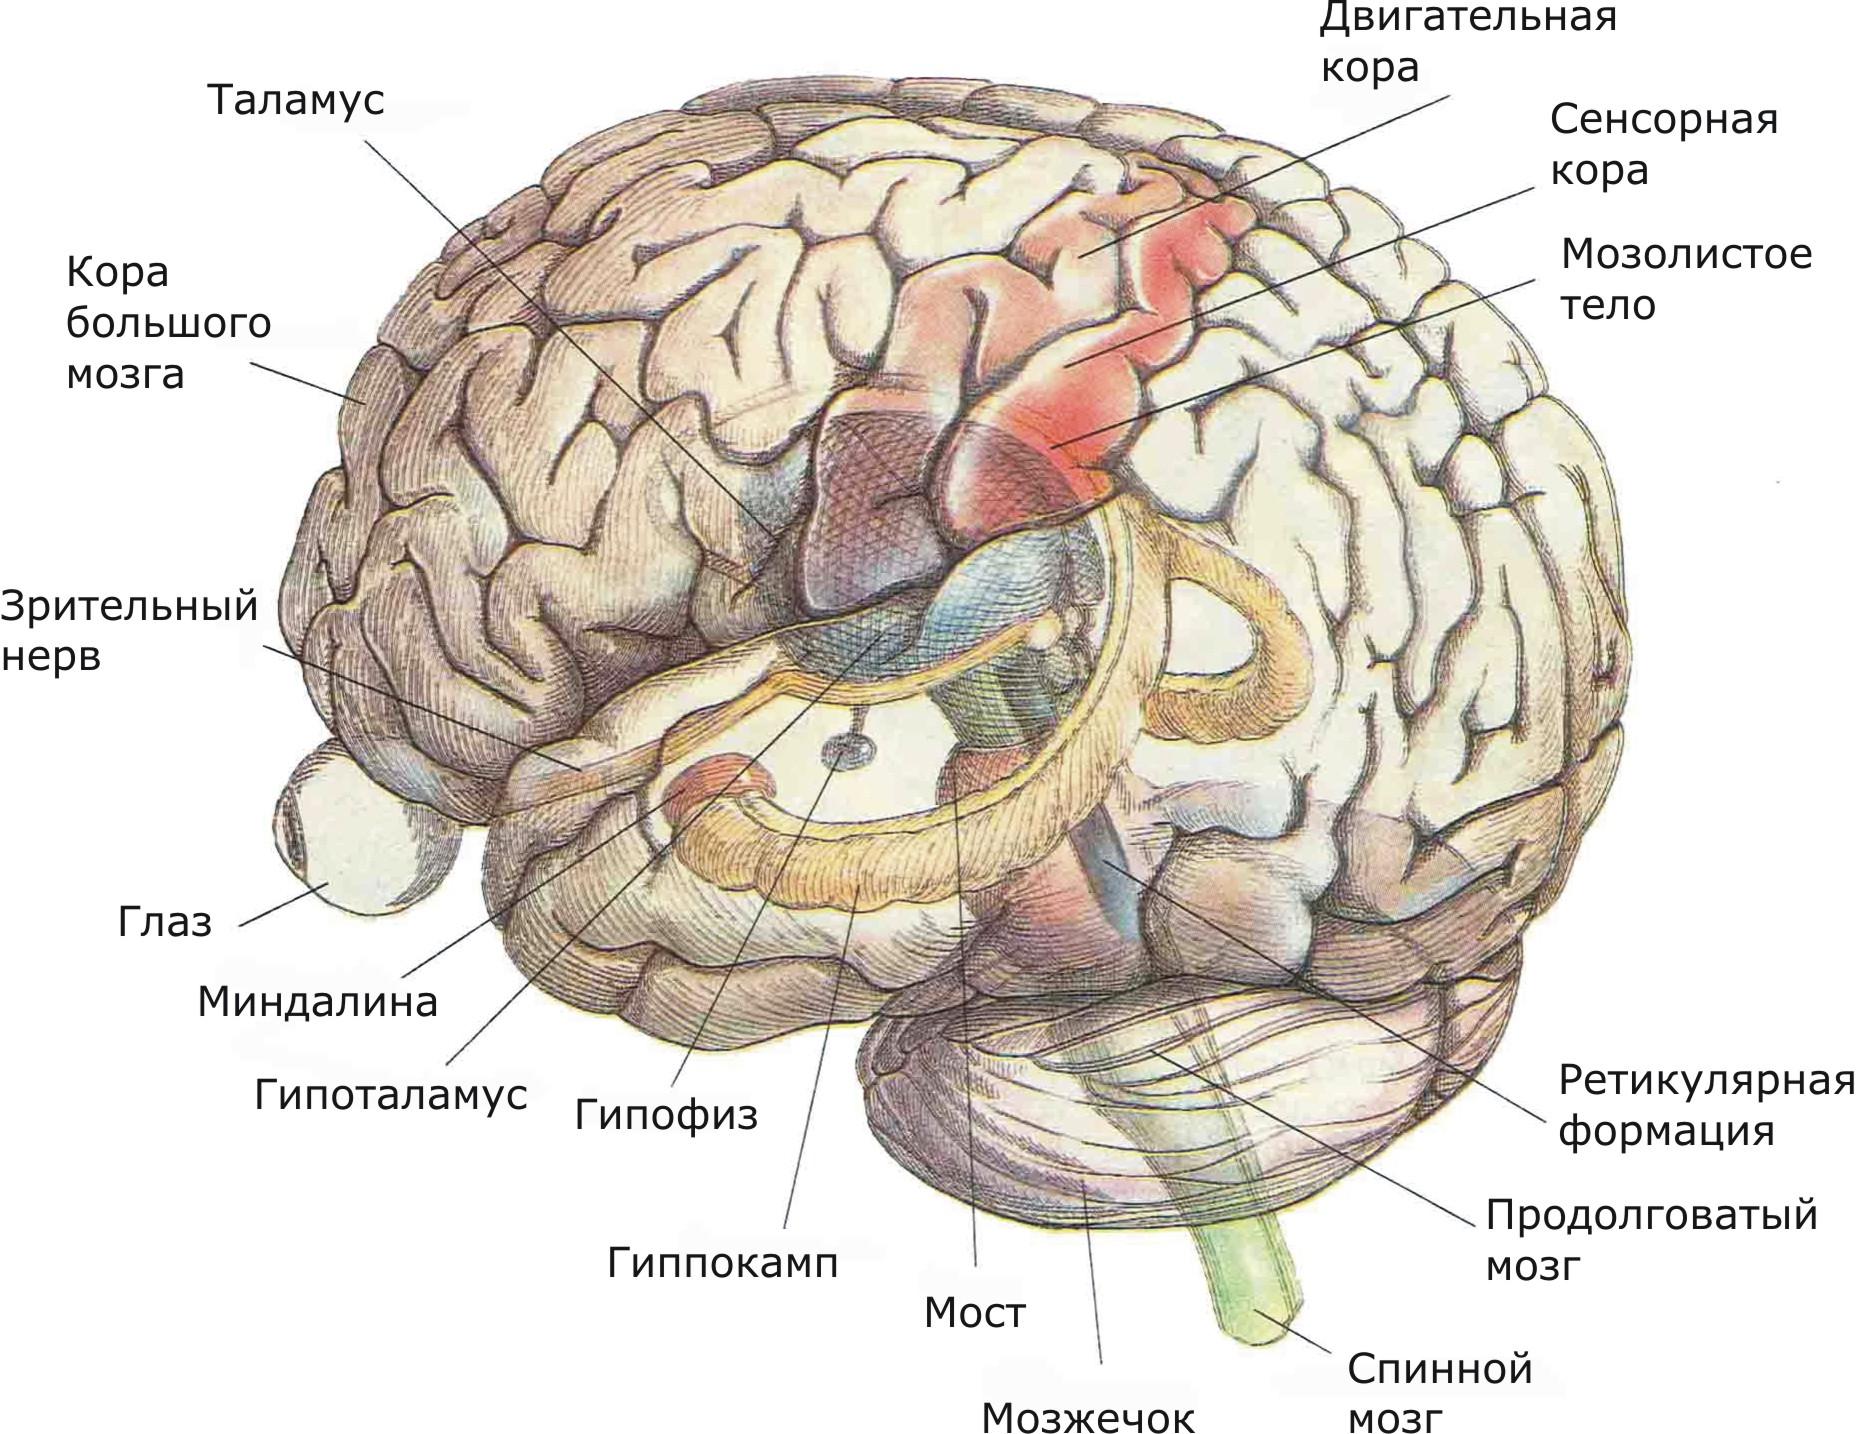 показаны основные структуры, участвующие в сенсорных процессах и внутренней регуляции, а также структуры лимбической системы и ствола мозга